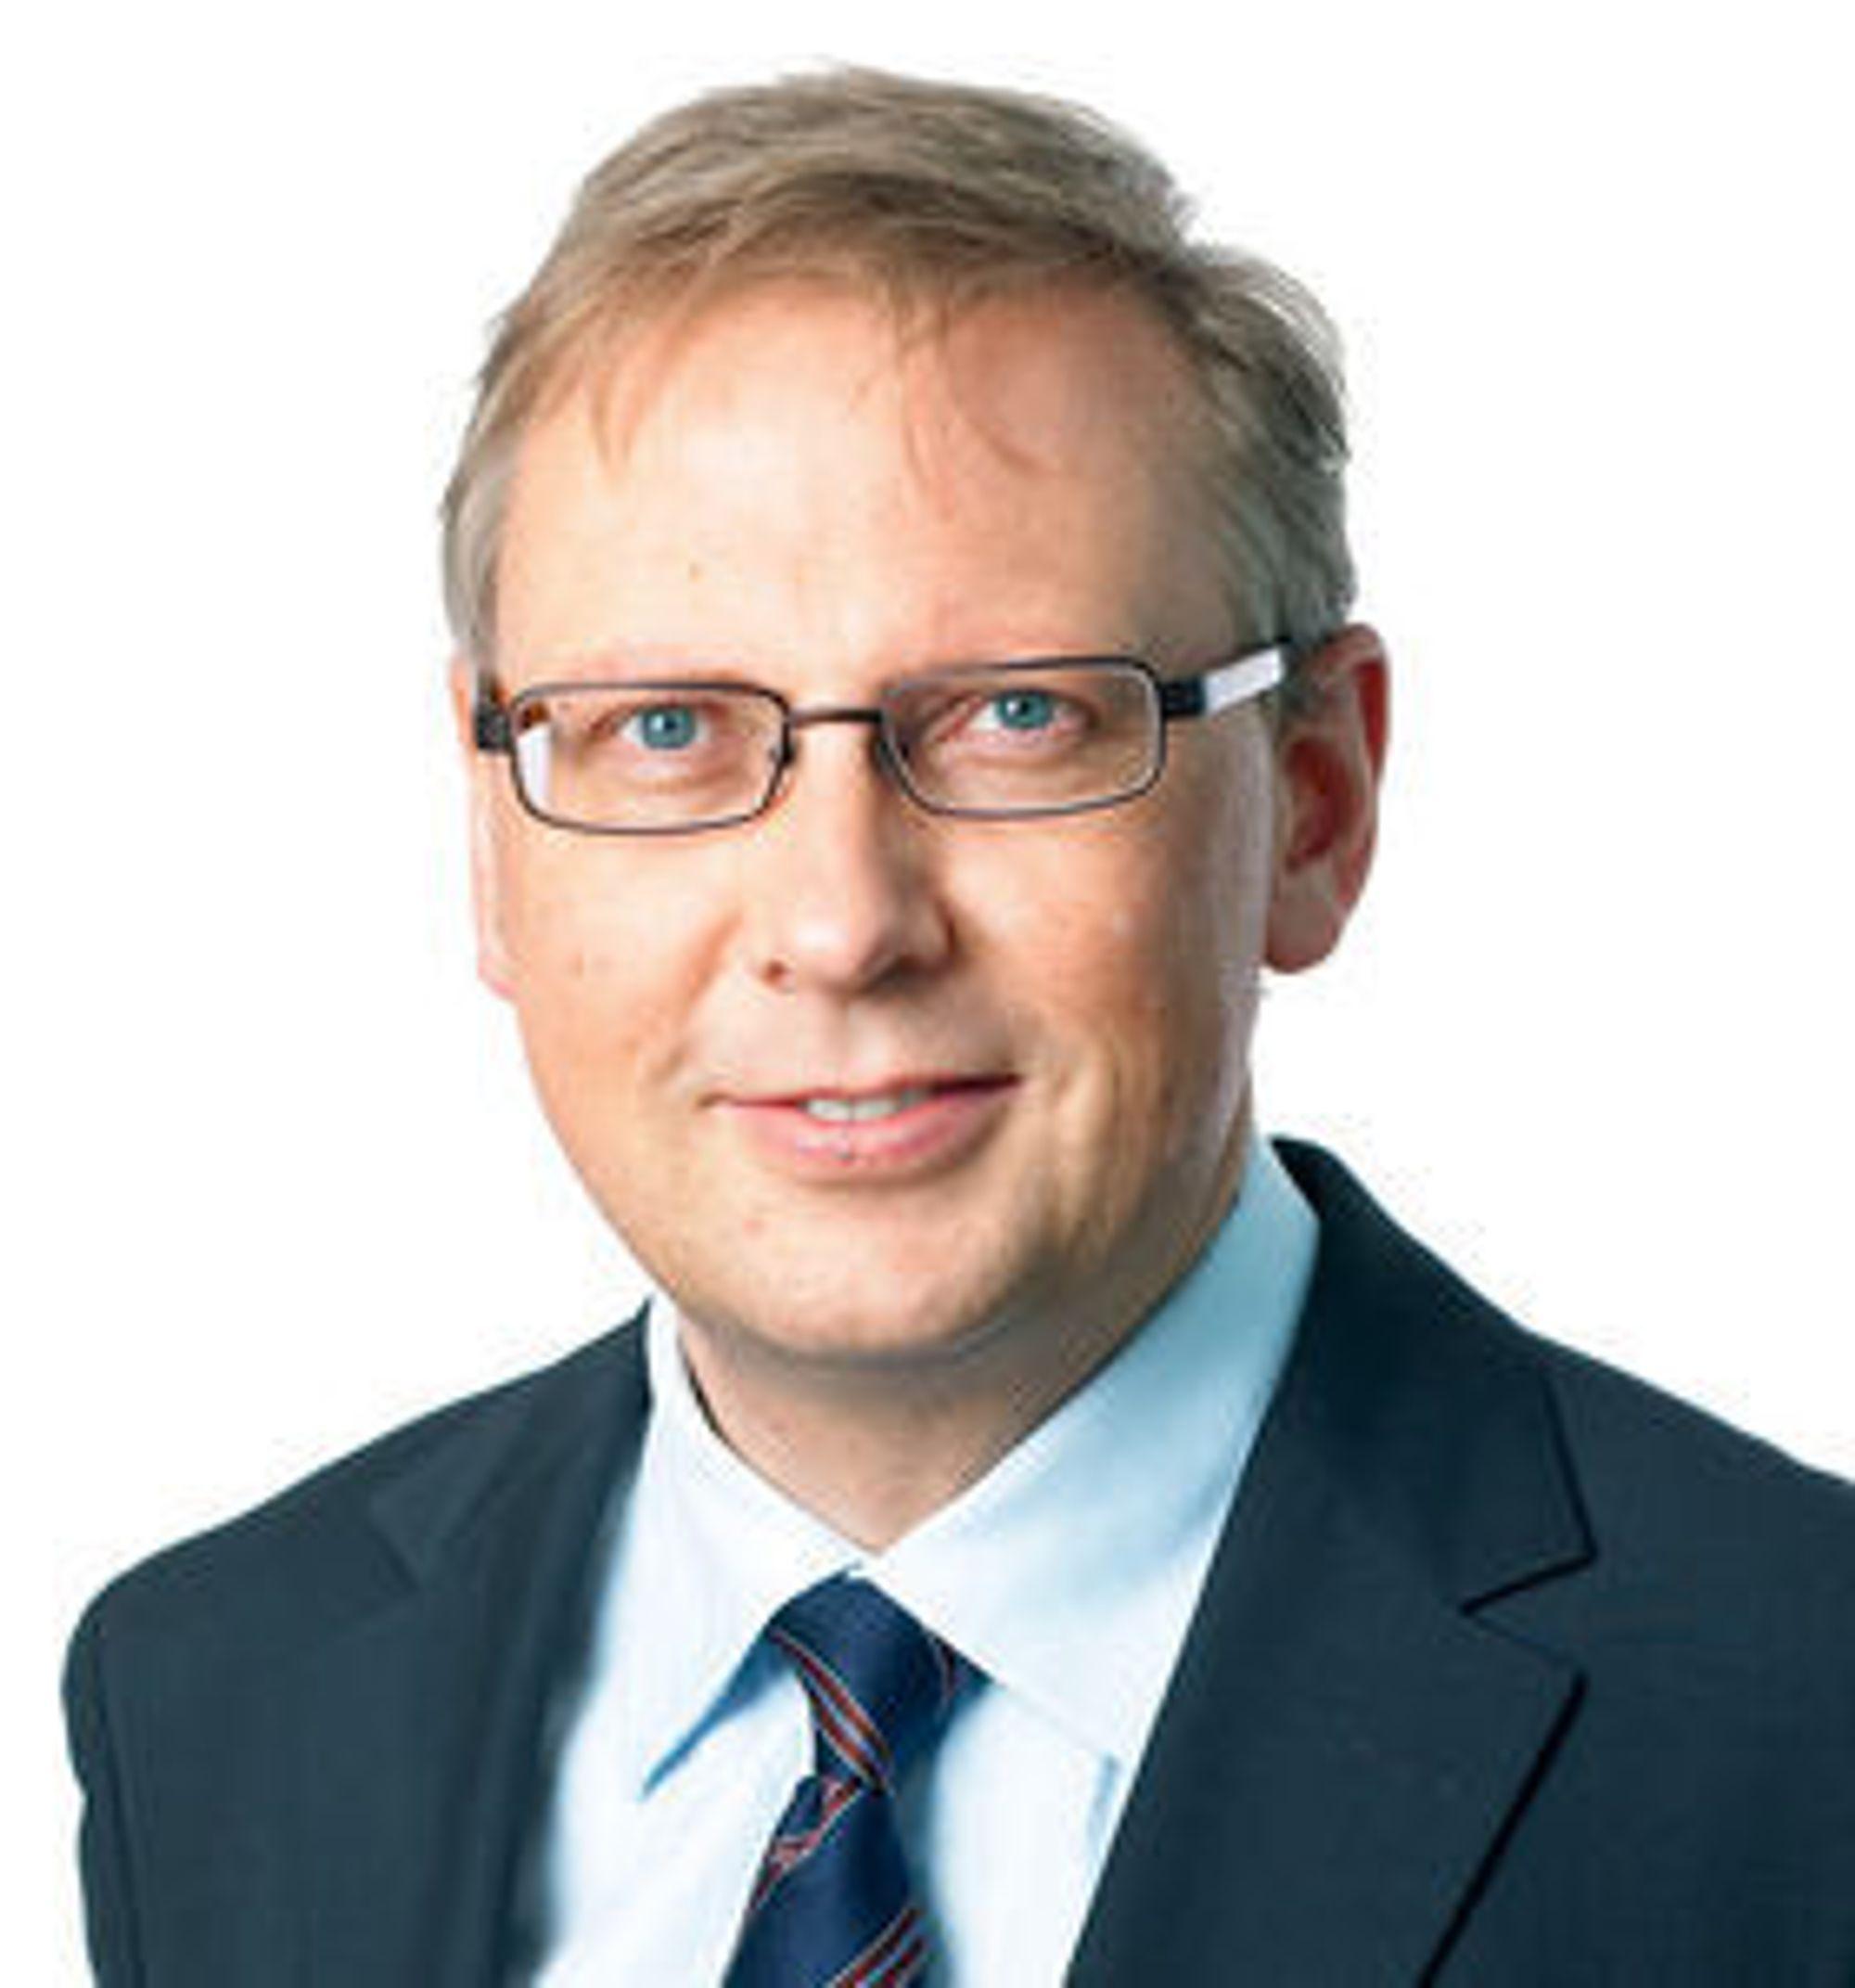 Kommunikasjonsdirektør Geir Remman i Evry vil foreløpig ikke trekke noen endelige konklusjoner om hvorfor selskapet på nytt opplever systemsvikt.